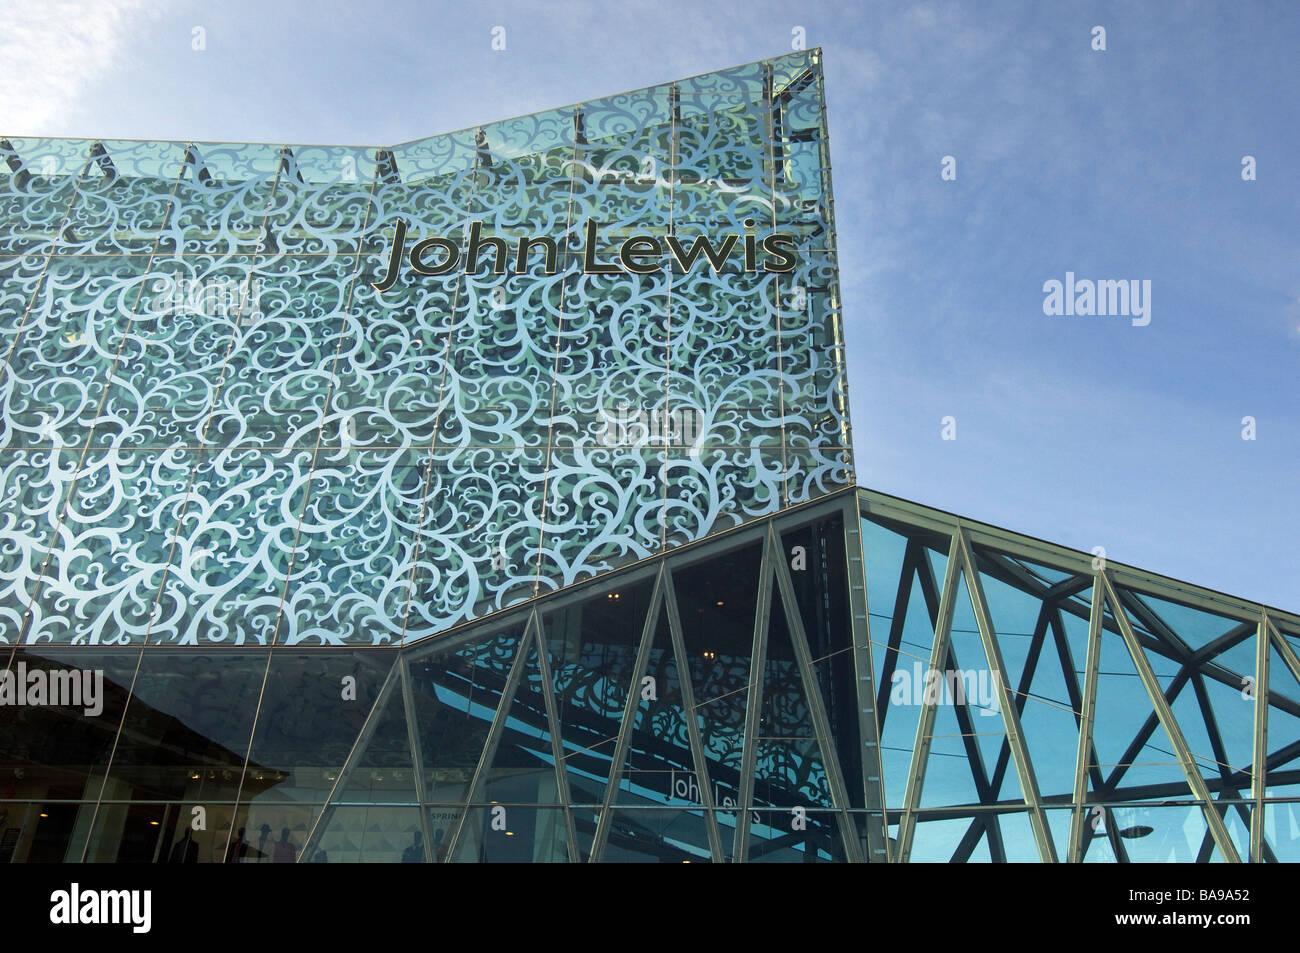 L'étonnante nouvelle de l'architecture moderne à la façade de verre en magasin John Lewis Photo Stock